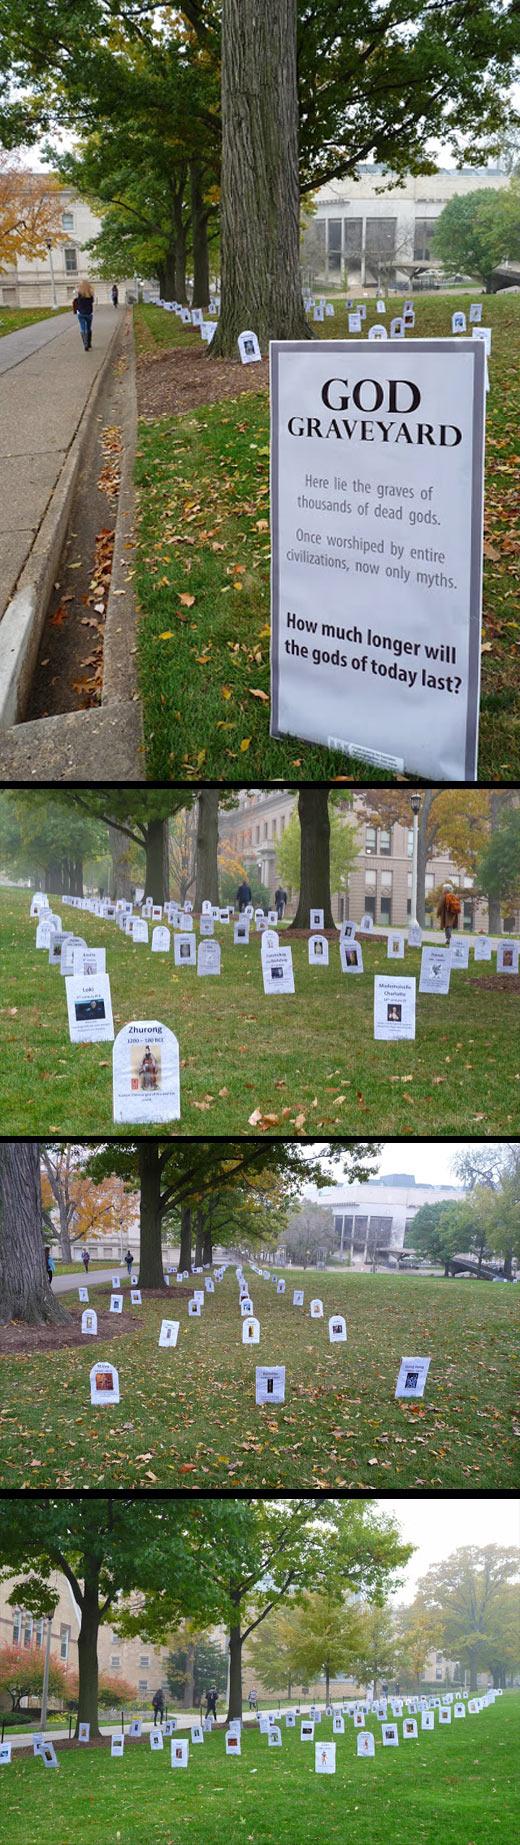 funny-graveyards-park-gods-college